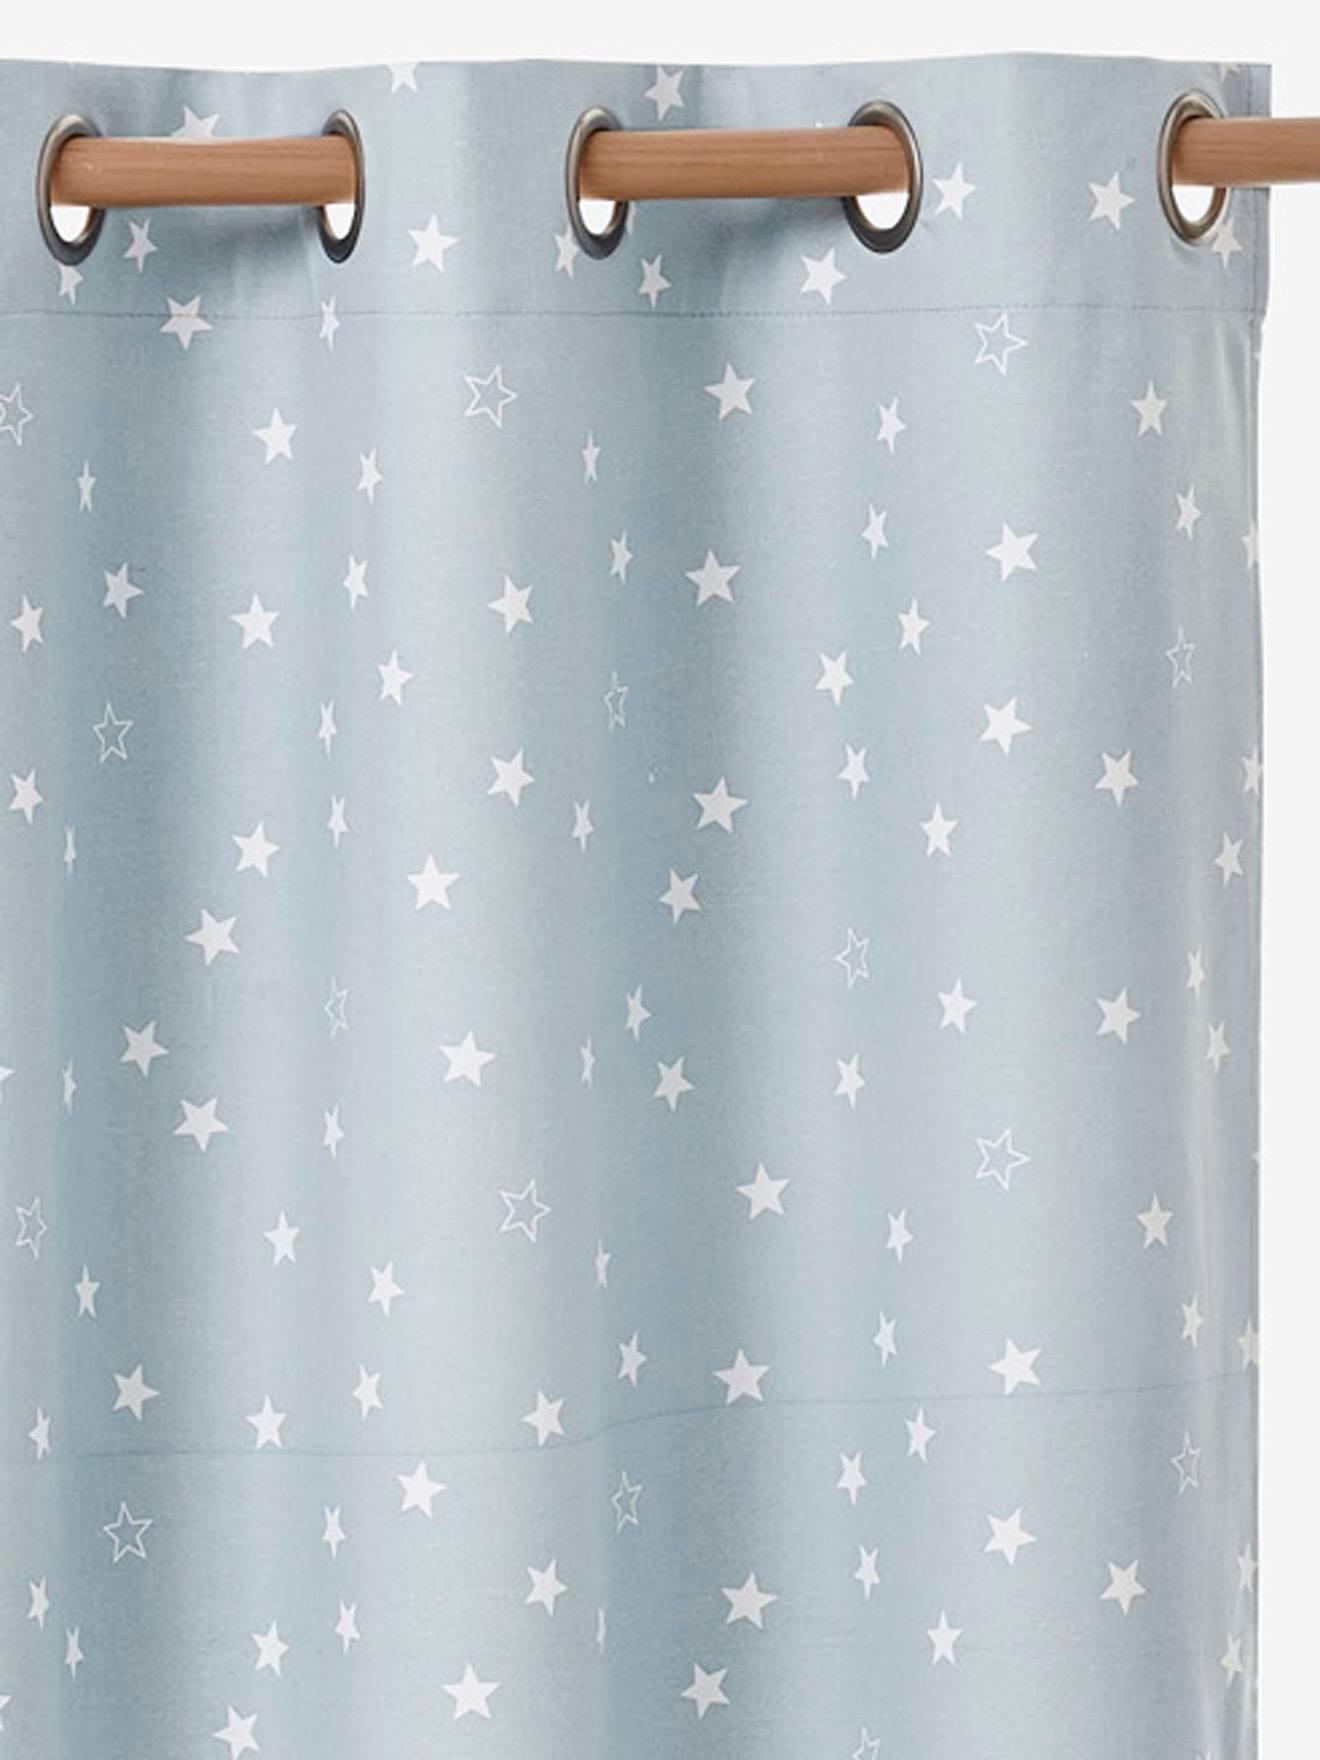 Beau Rangement Et Décoration Décoration Rideau Rideau Occultant étoiles